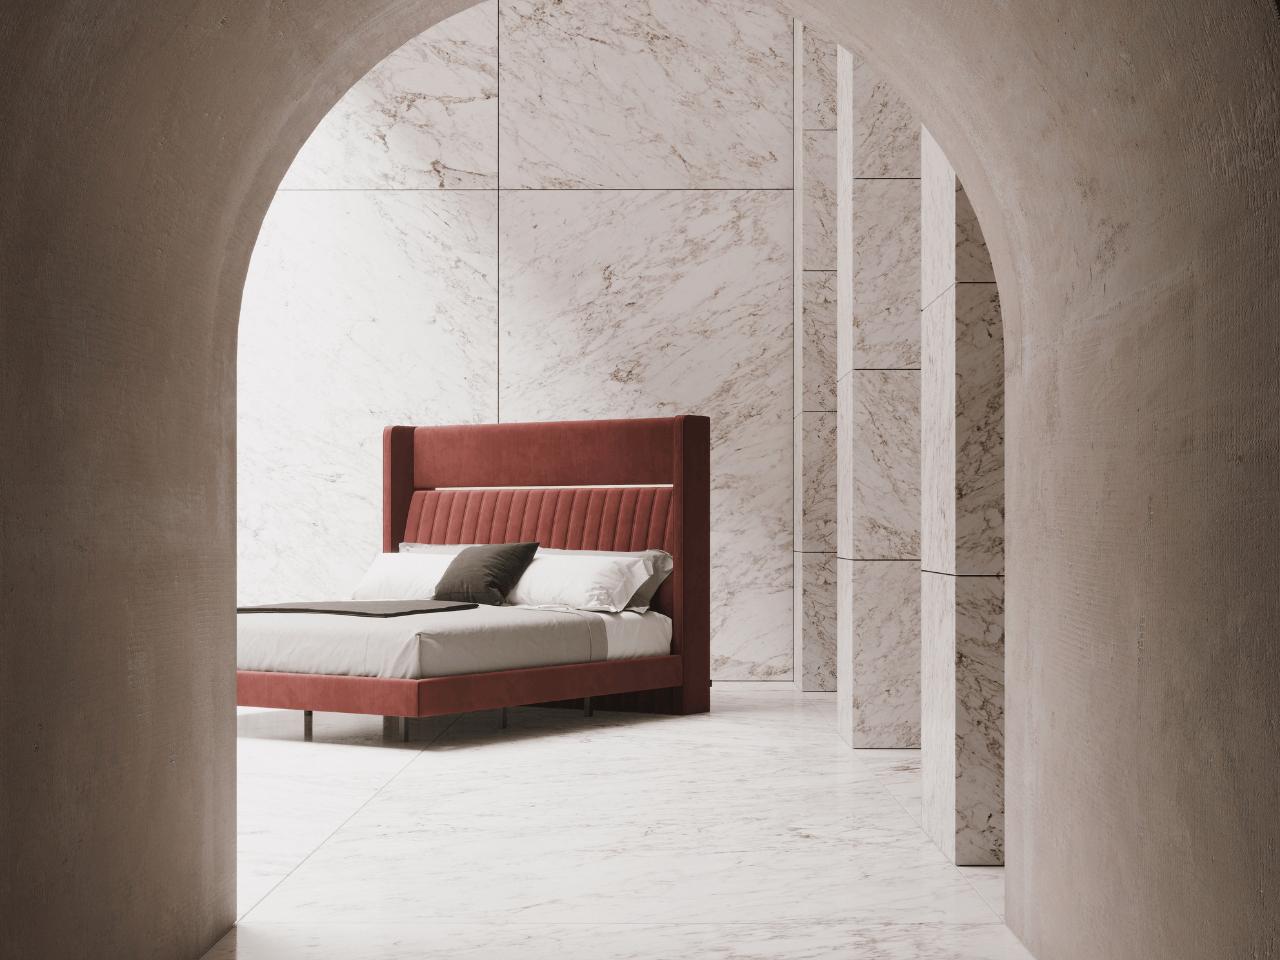 bardot bed